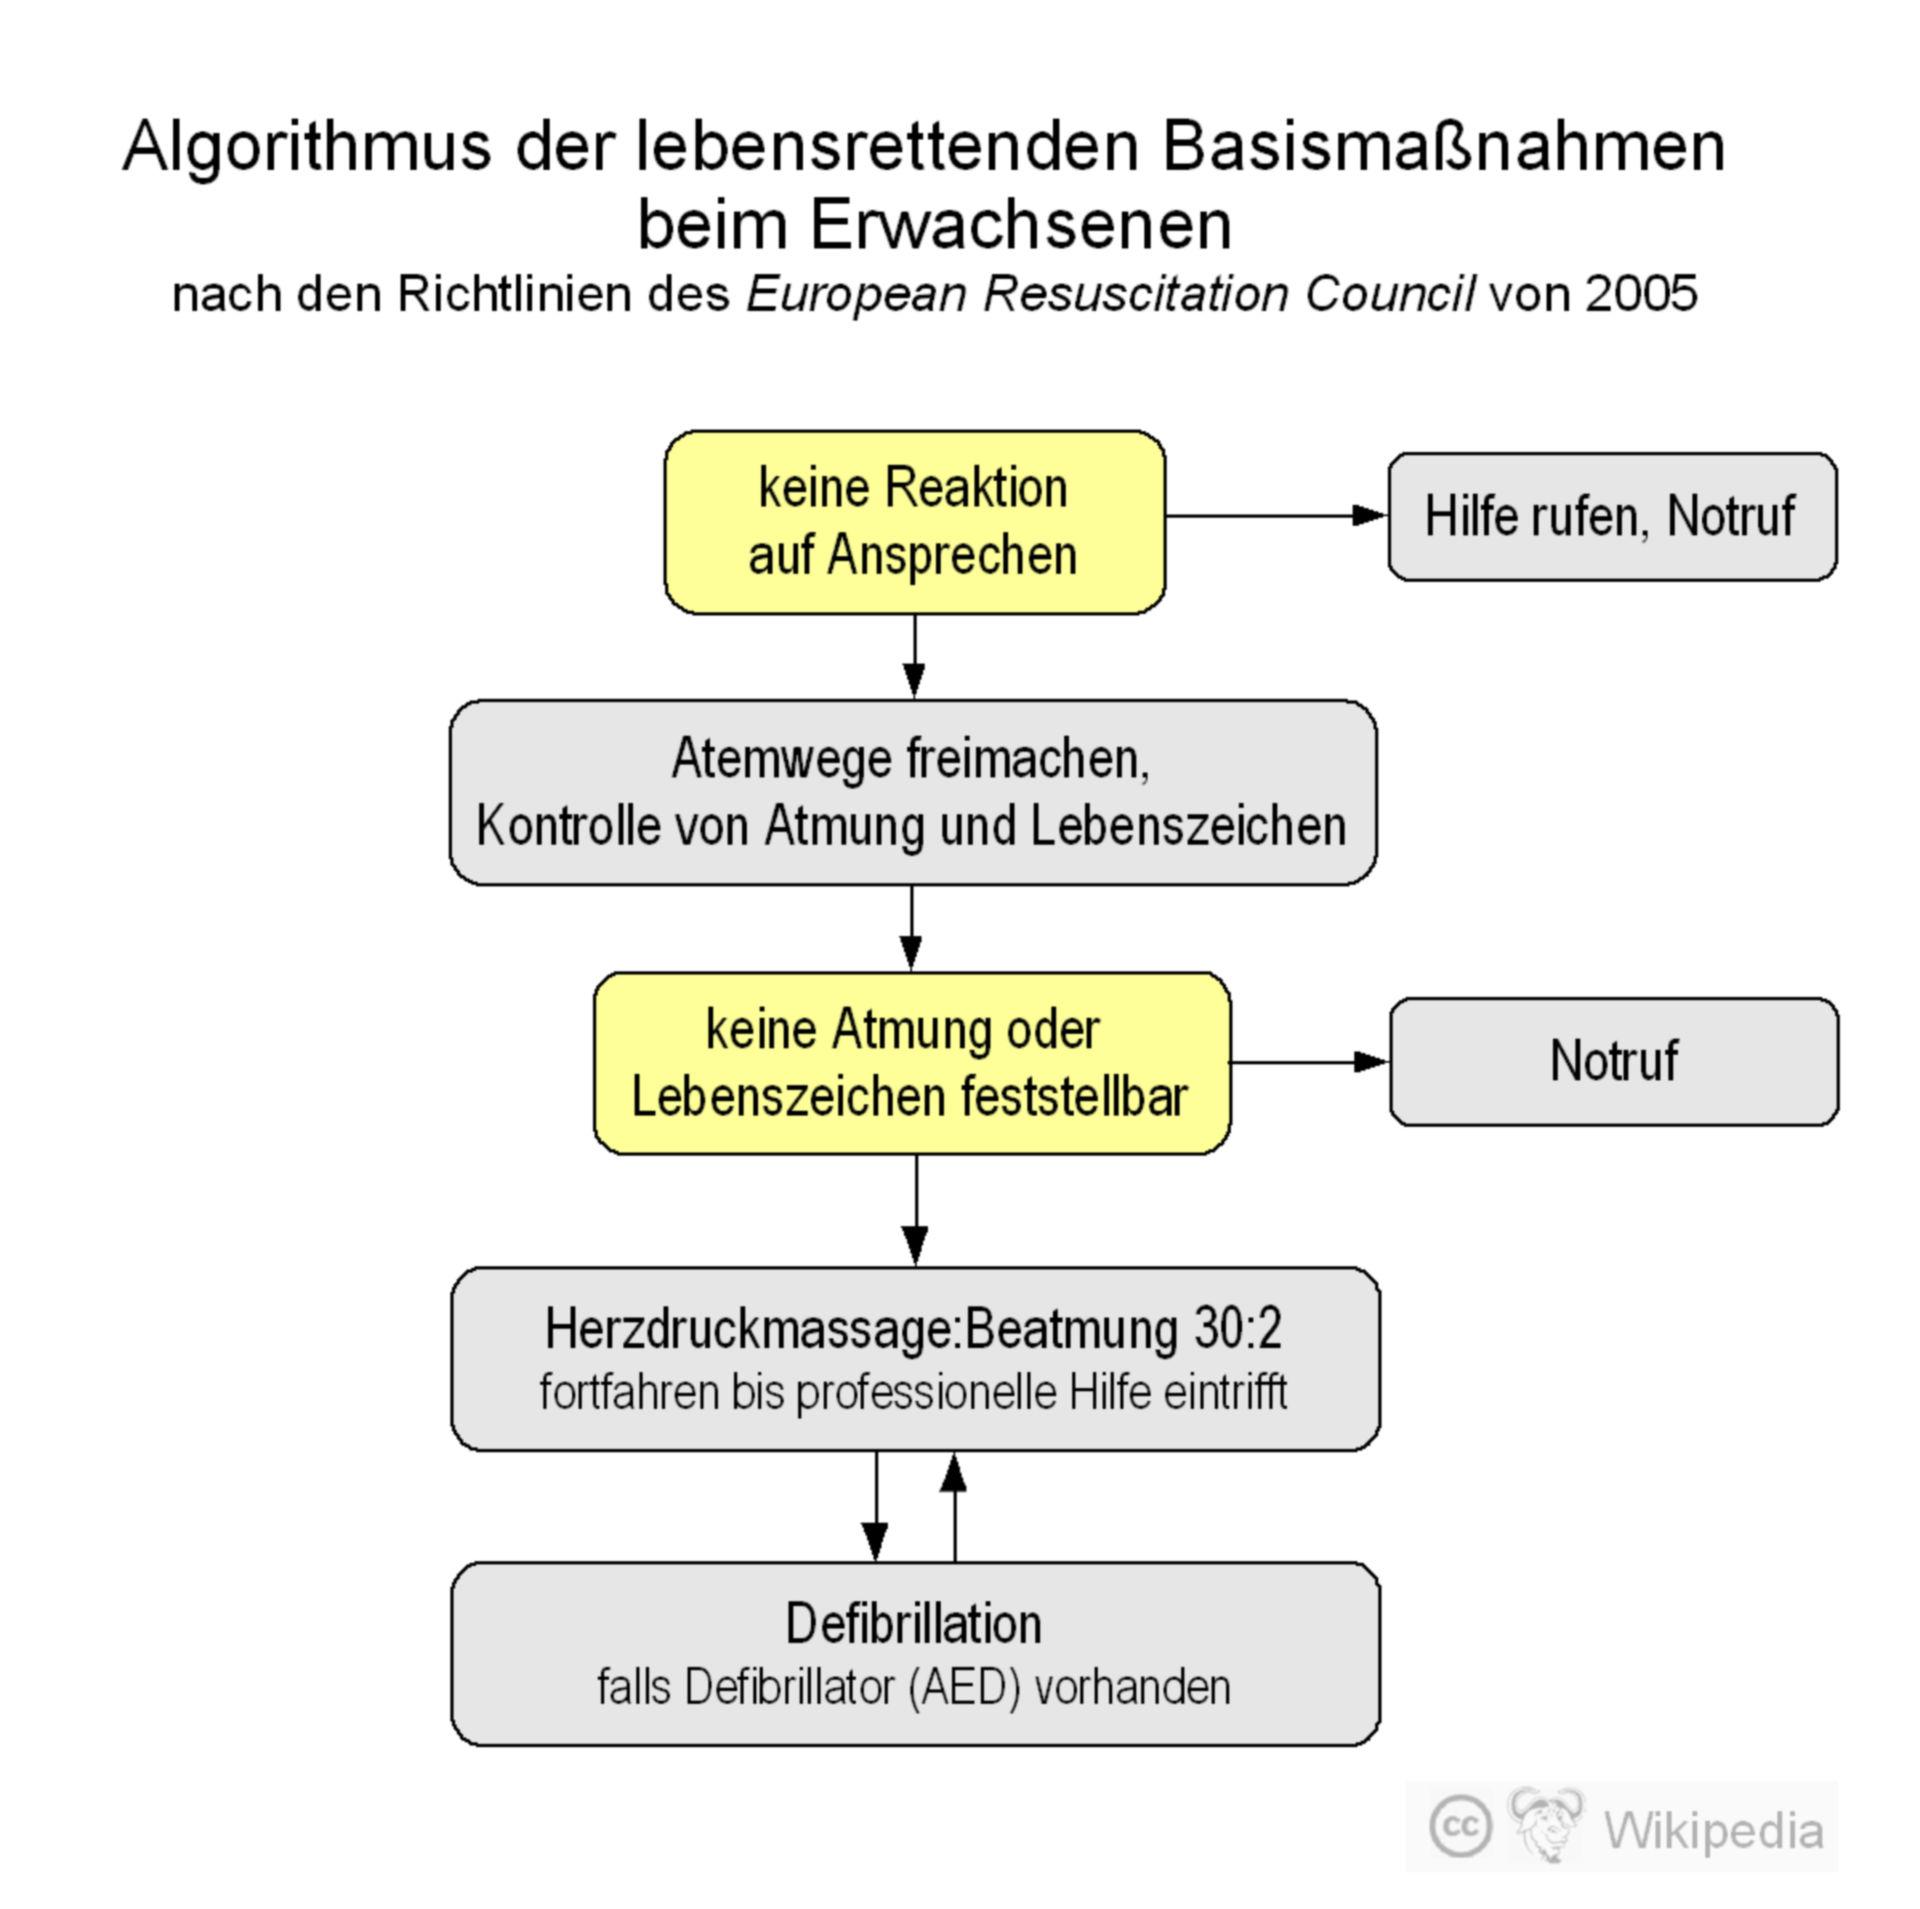 Algoritmo de medidas de referencia para la reanimación de adultos